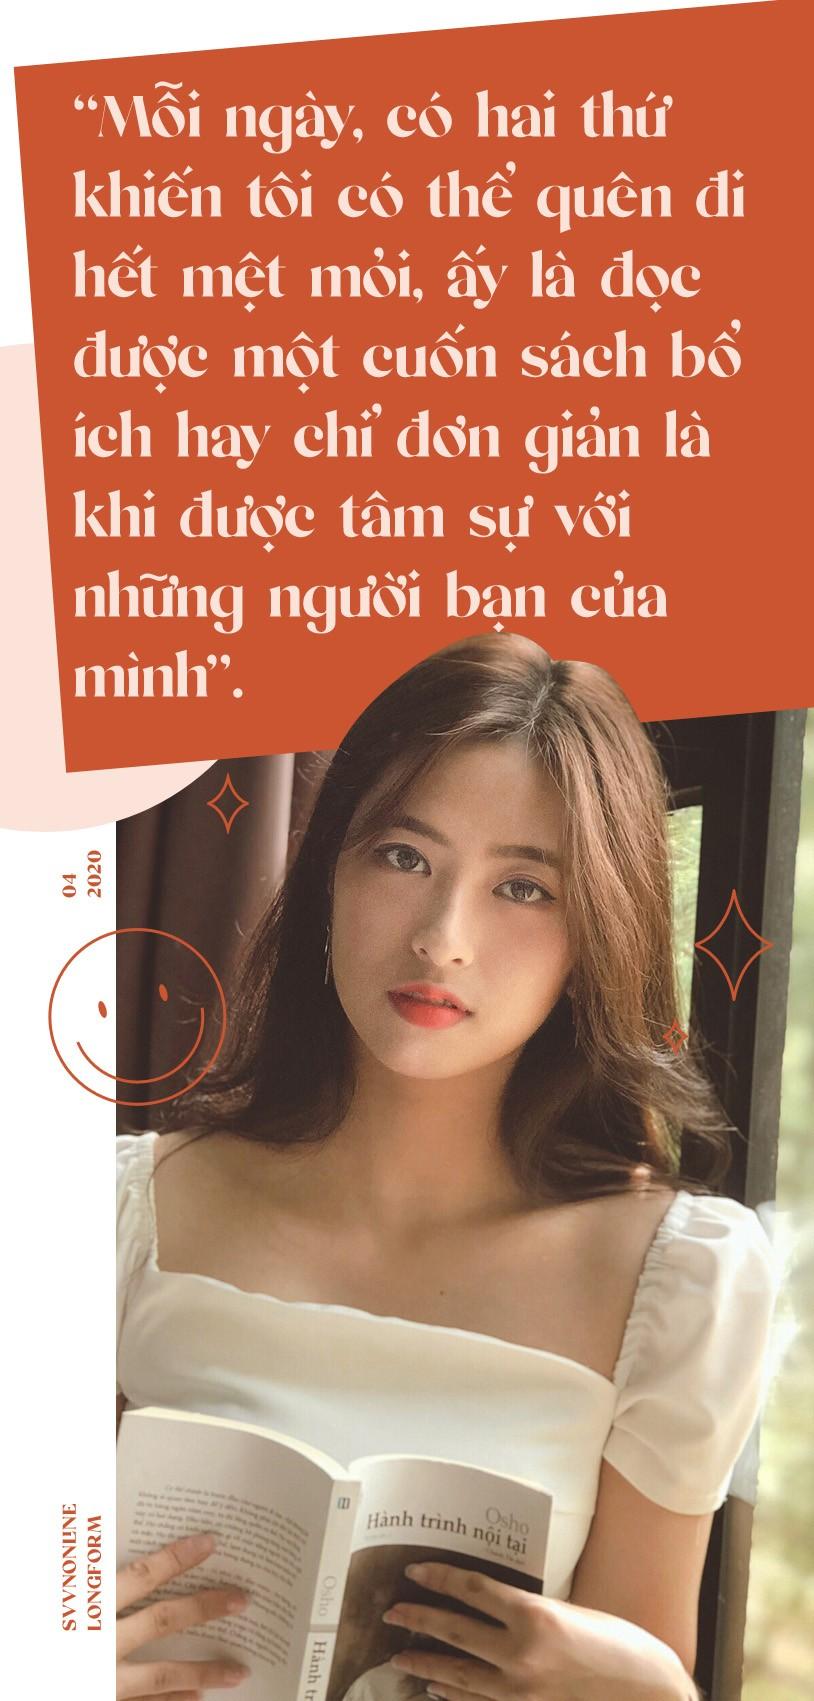 """Dương Phương Dung - """"Cô gái hay cười"""" ở trường Xây dựng ảnh 3"""